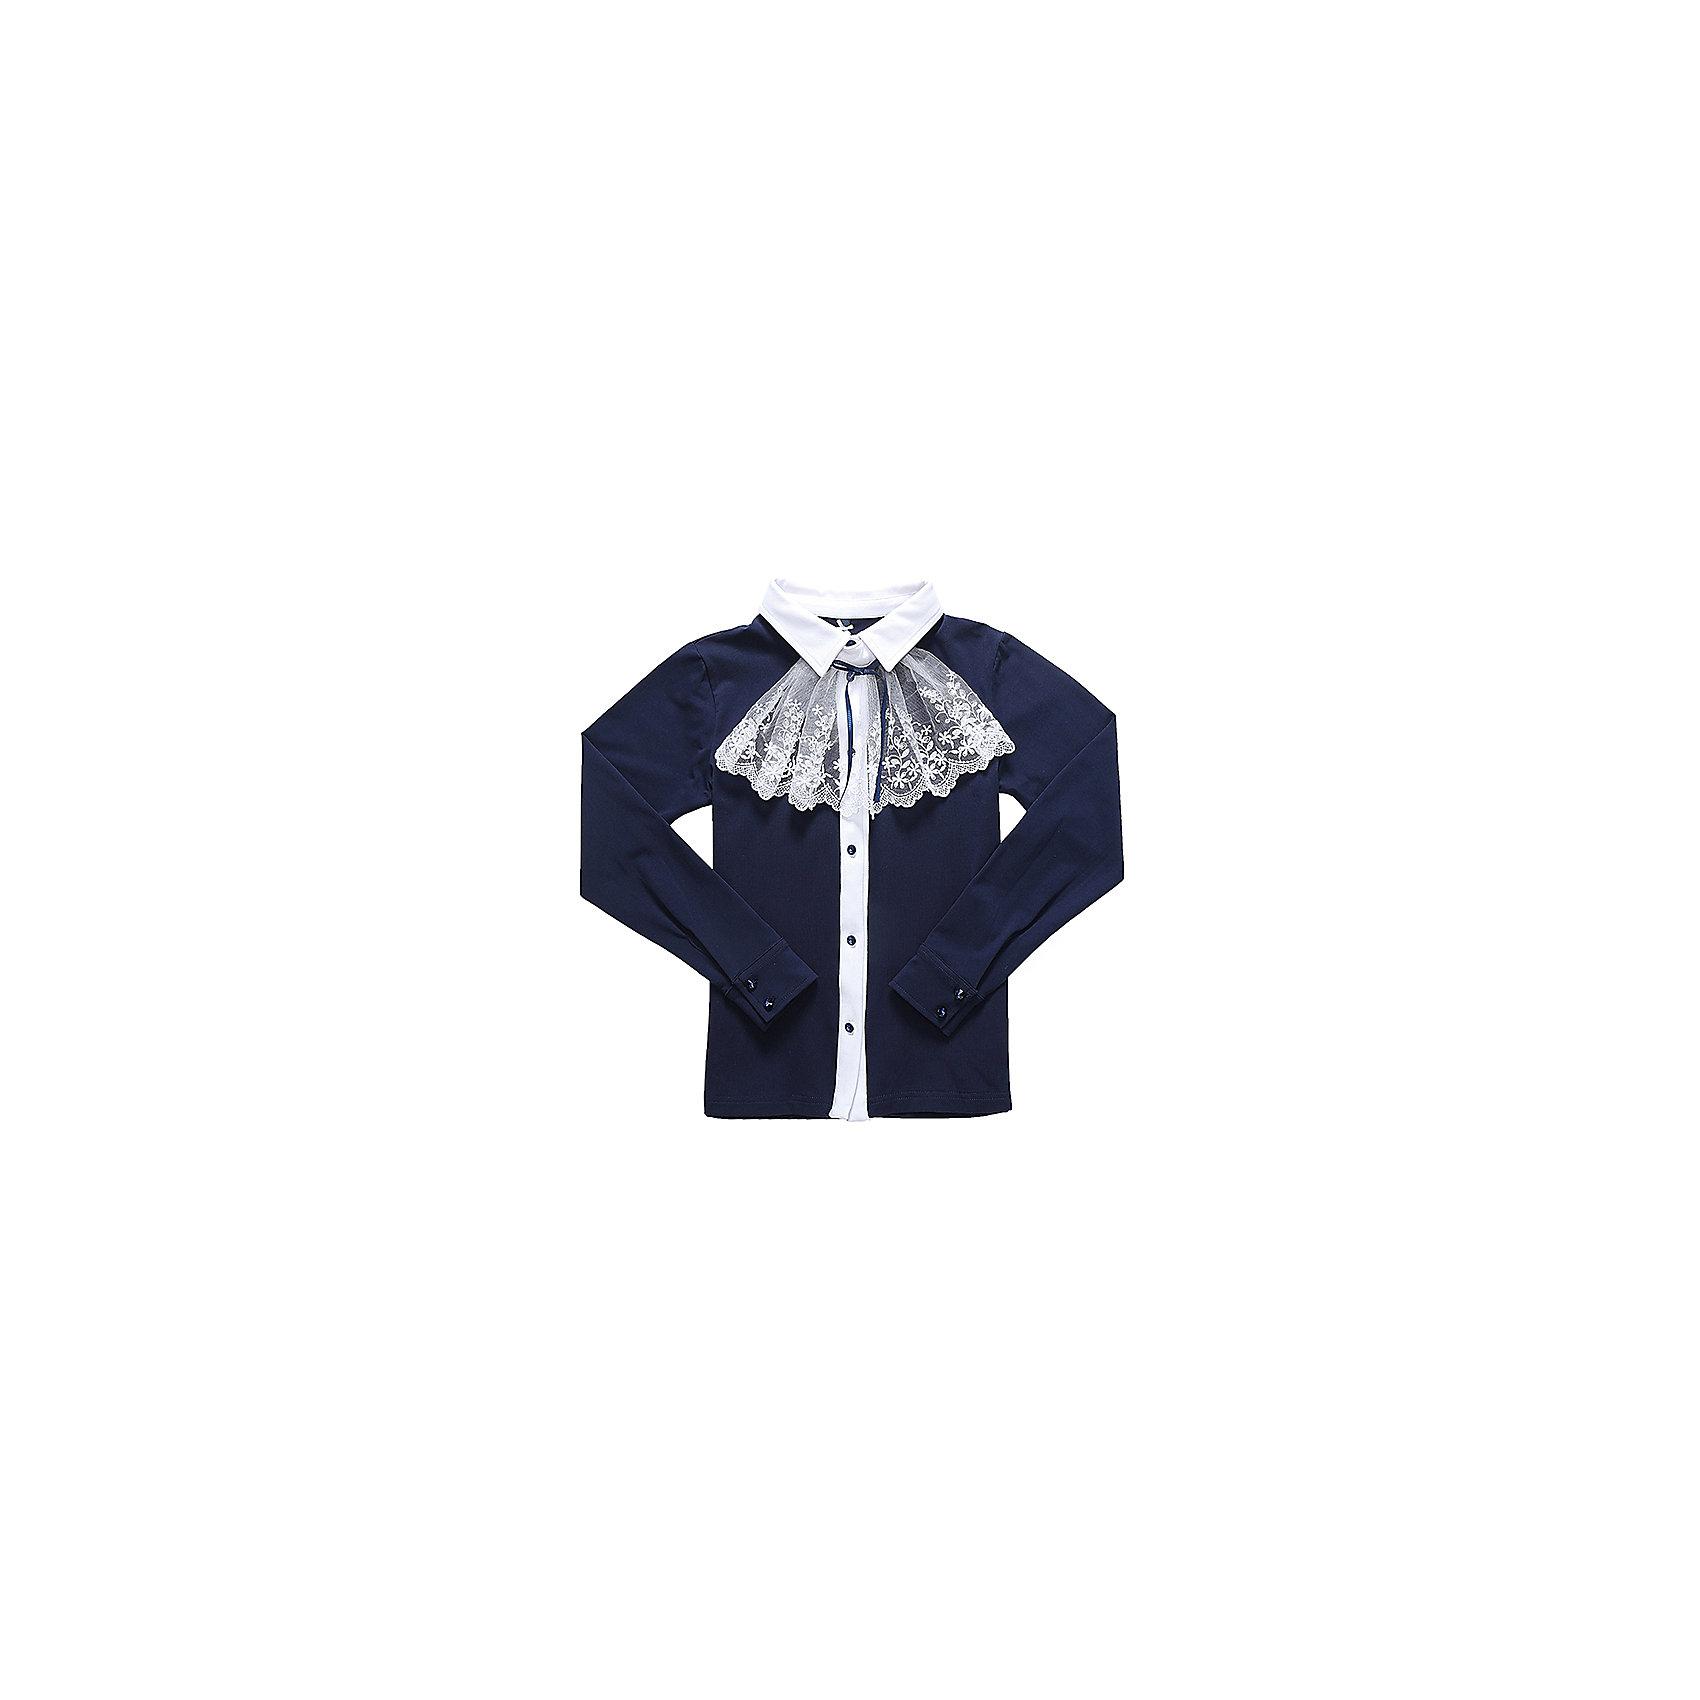 Блузка для девочки LuminosoБлузки и рубашки<br>Характеристики товара:<br><br>• цвет: темно-синий;<br>• состав: 95% хлопок, 5% эластан;<br>• сезон: демисезон;<br>• особенности: школьная, с жабо;<br>• застежка: пуговицы;<br>• с длинным рукавом;<br>• съемный воротник-жабо;<br>• трикотажные манжеты на пуговицах;<br>• страна бренда: Россия;<br>• страна производства: Китай.<br><br>Школьная блузка с длинным рукавом для девочки. Темно-синяя трикотажная блузка застегивается на пуговицы. Блузка декорирована съемным воротником-жабо контрастного белого цвета. <br><br>Блузка для девочки Luminoso (Люминосо) можно купить в нашем интернет-магазине.<br><br>Ширина мм: 186<br>Глубина мм: 87<br>Высота мм: 198<br>Вес г: 197<br>Цвет: синий<br>Возраст от месяцев: 120<br>Возраст до месяцев: 132<br>Пол: Женский<br>Возраст: Детский<br>Размер: 146,140,152,158,164,122,128,134<br>SKU: 6672986